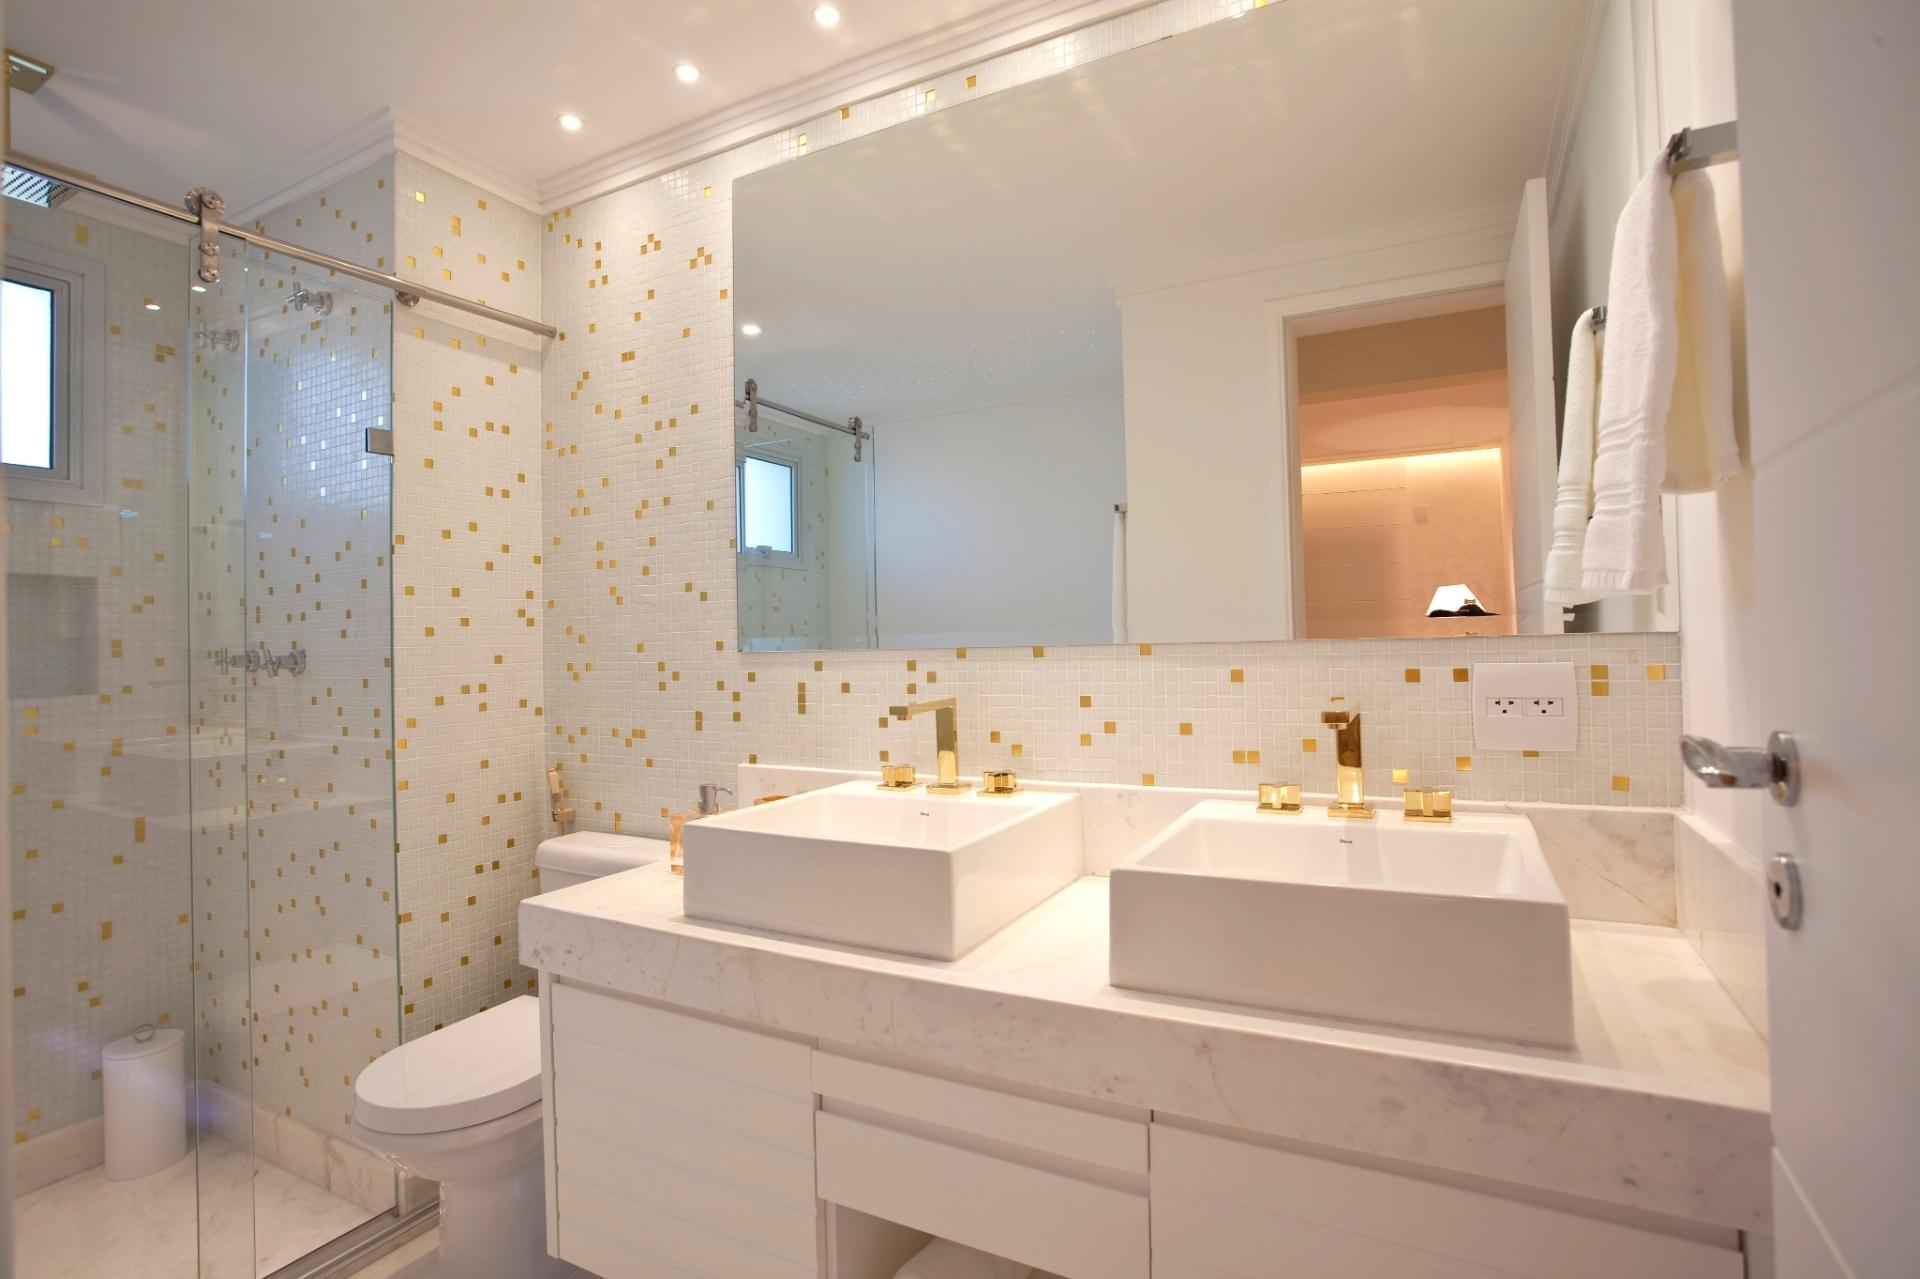 Banheiros pequenos dicas de decoração para quem tem pouco espaço  BOL Fotos -> Decoracao De Banheiros Com Duas Cubas